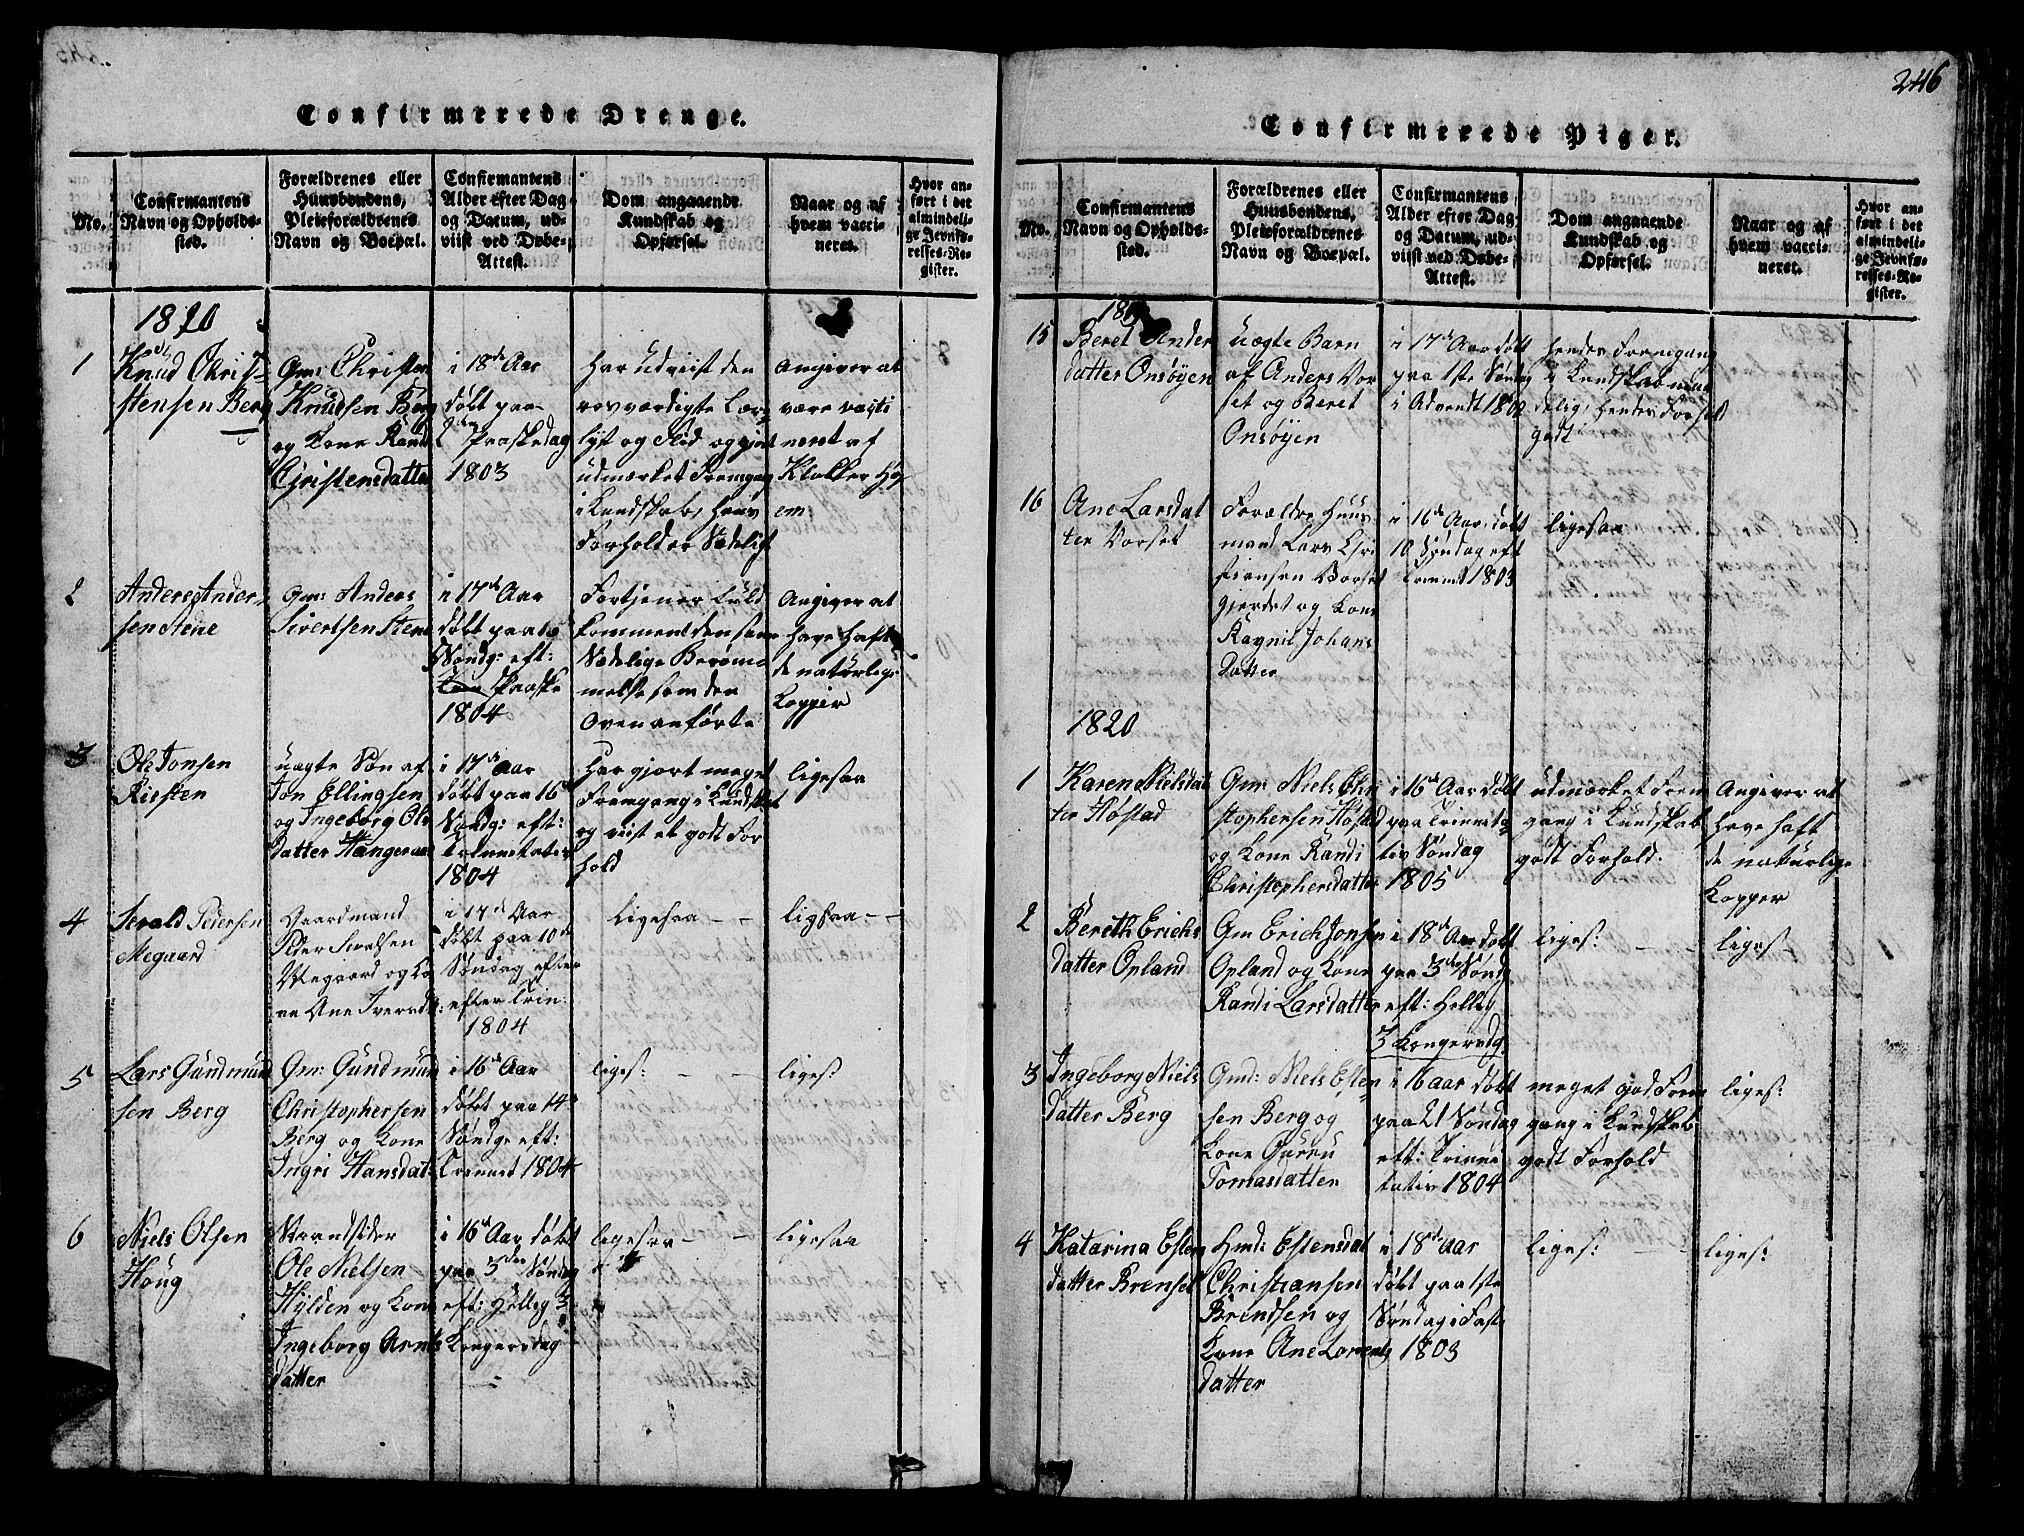 SAT, Ministerialprotokoller, klokkerbøker og fødselsregistre - Sør-Trøndelag, 612/L0385: Klokkerbok nr. 612C01, 1816-1845, s. 246